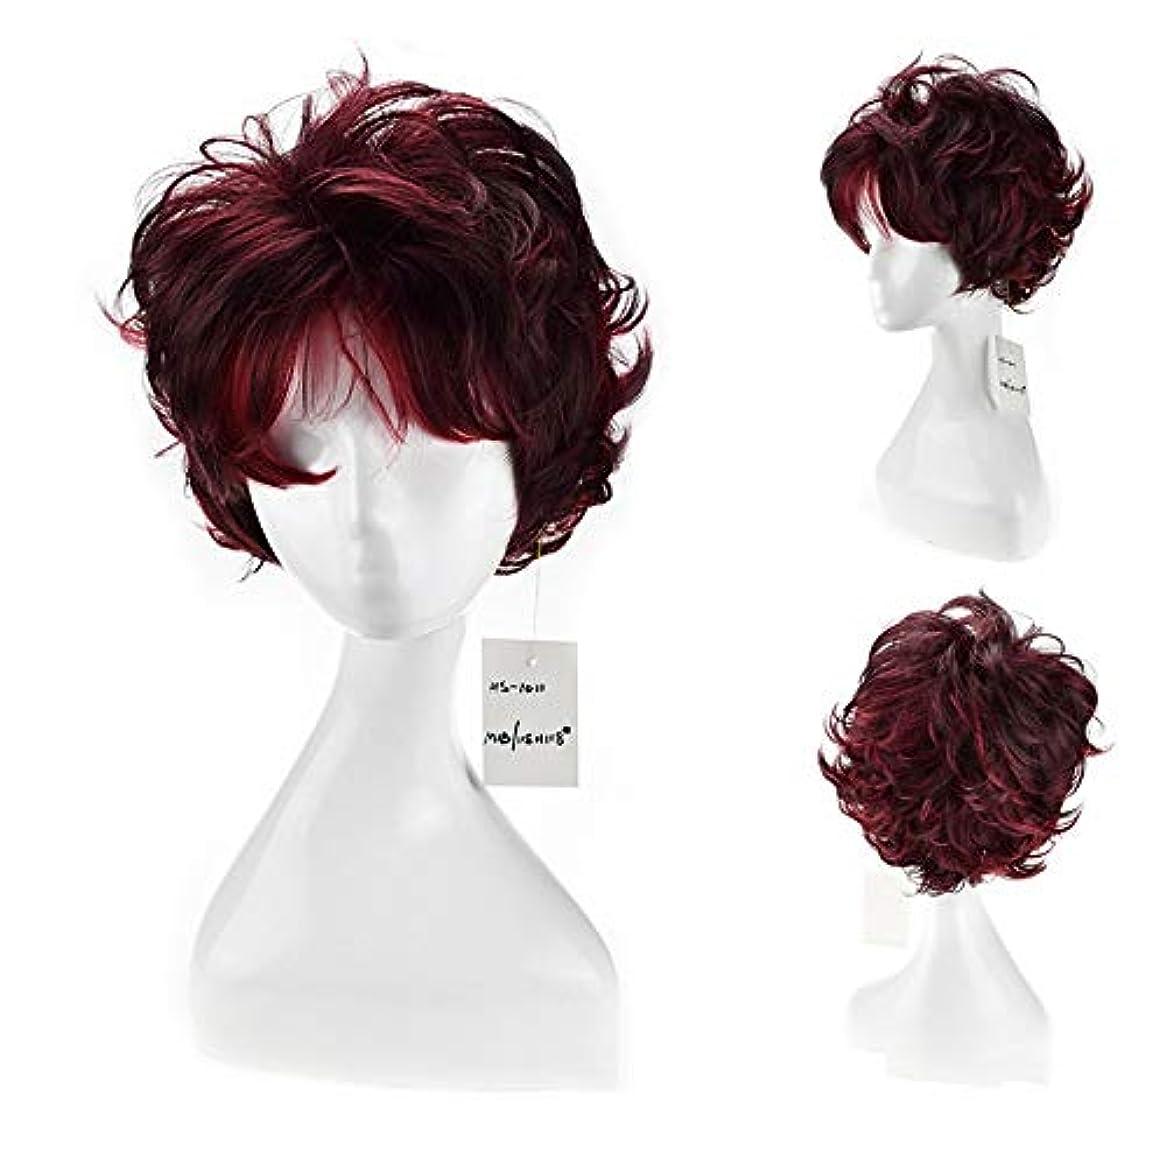 死にかけている地殻歩き回るMayalina 女性の人工毛ショートボブウィッグワインレッドショートカーリーヘアフルヘッド無料キャップパーティーウィッグ (色 : ワインレッド)